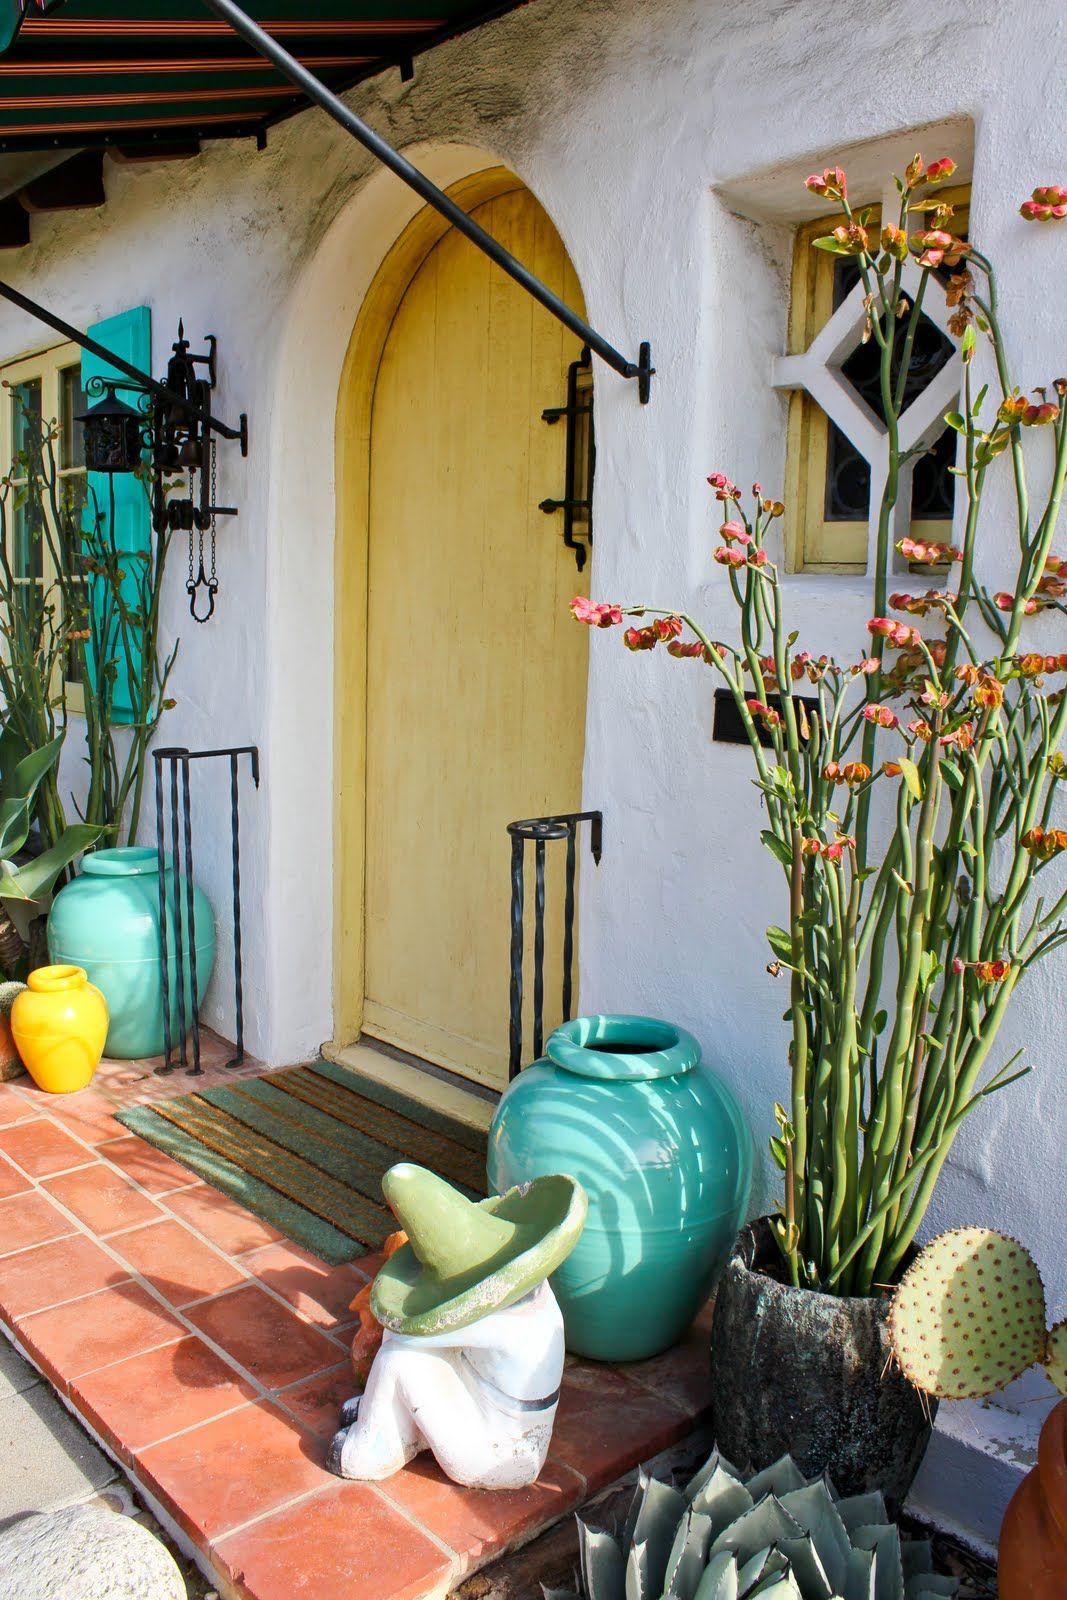 Pedilanthus bracteatus | Mexican garden, Mexican home ... on Mexican Backyard Decor id=29146